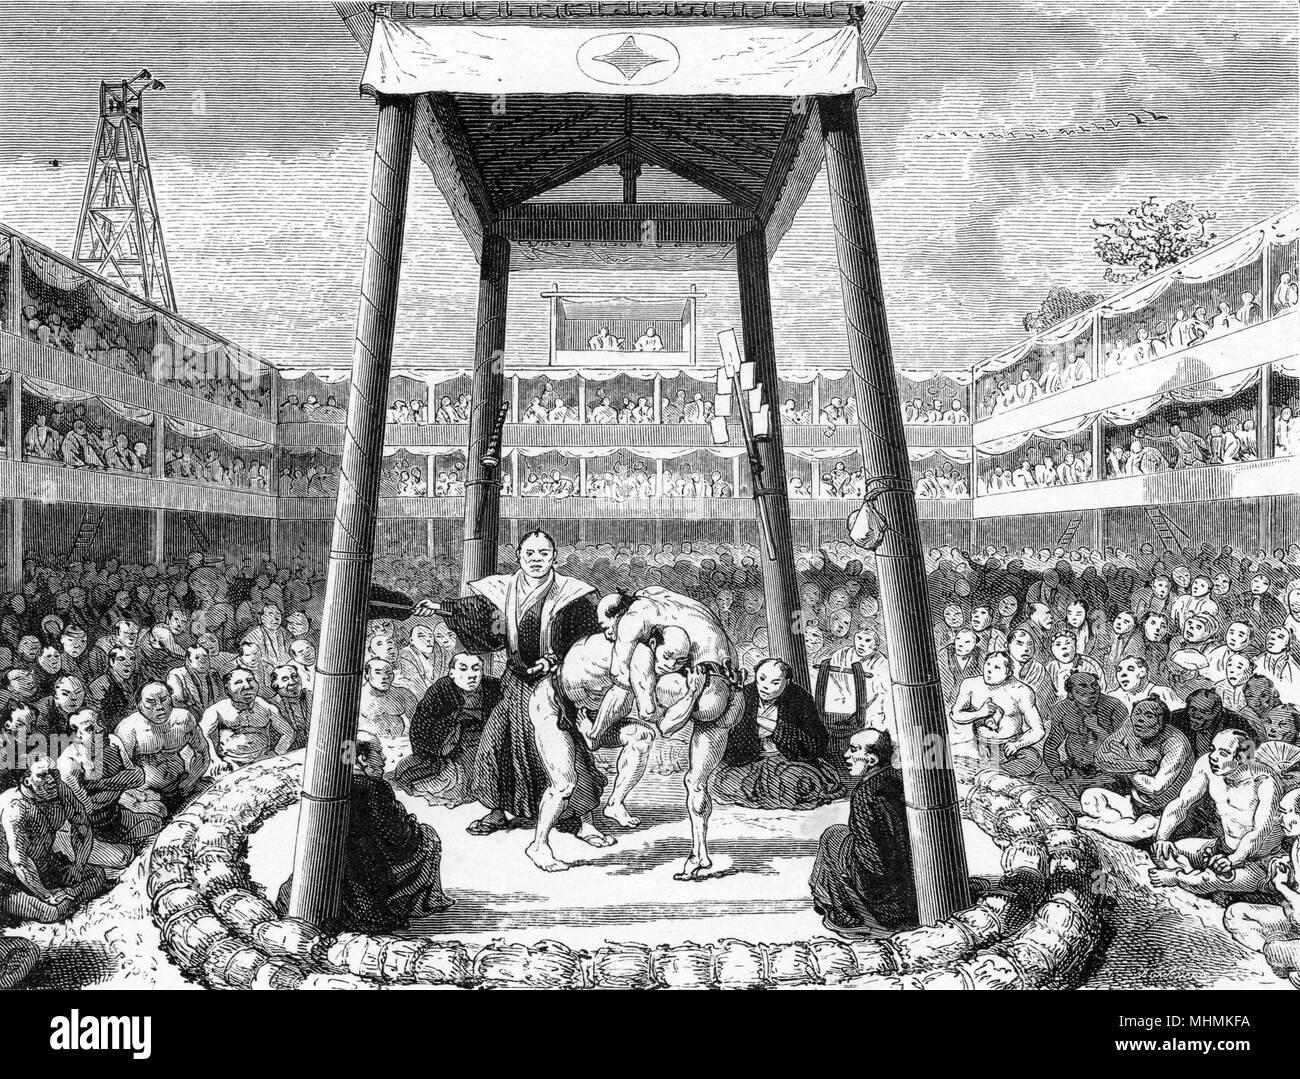 Un combate de sumo es vigilado muy de cerca por el árbitro y una gran multitud. Fecha: 1865 Imagen De Stock